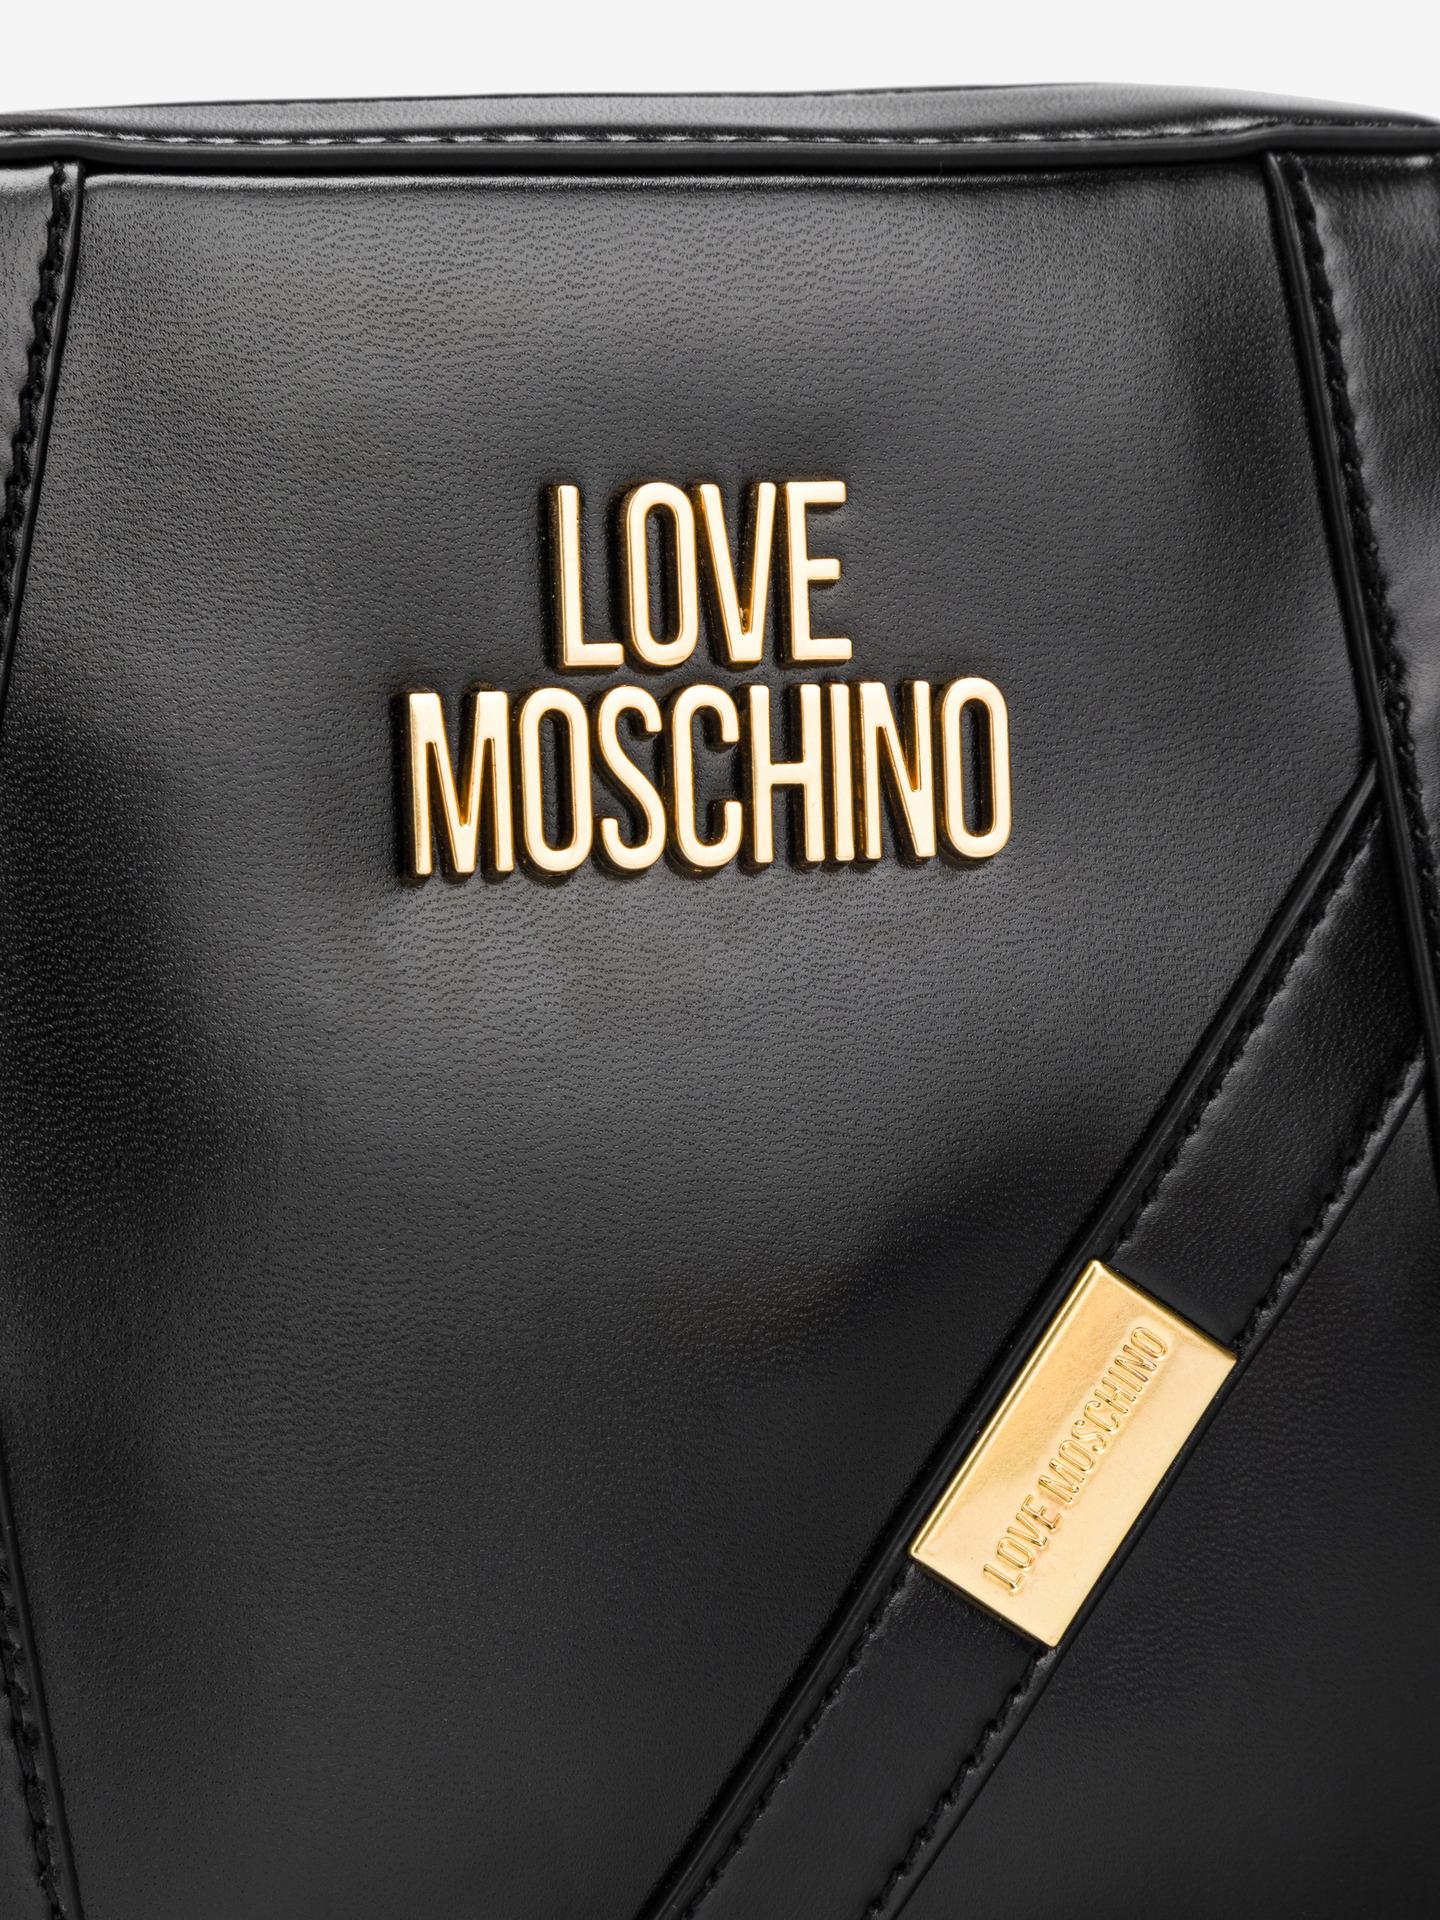 Love Moschino czarny crossbody torebka